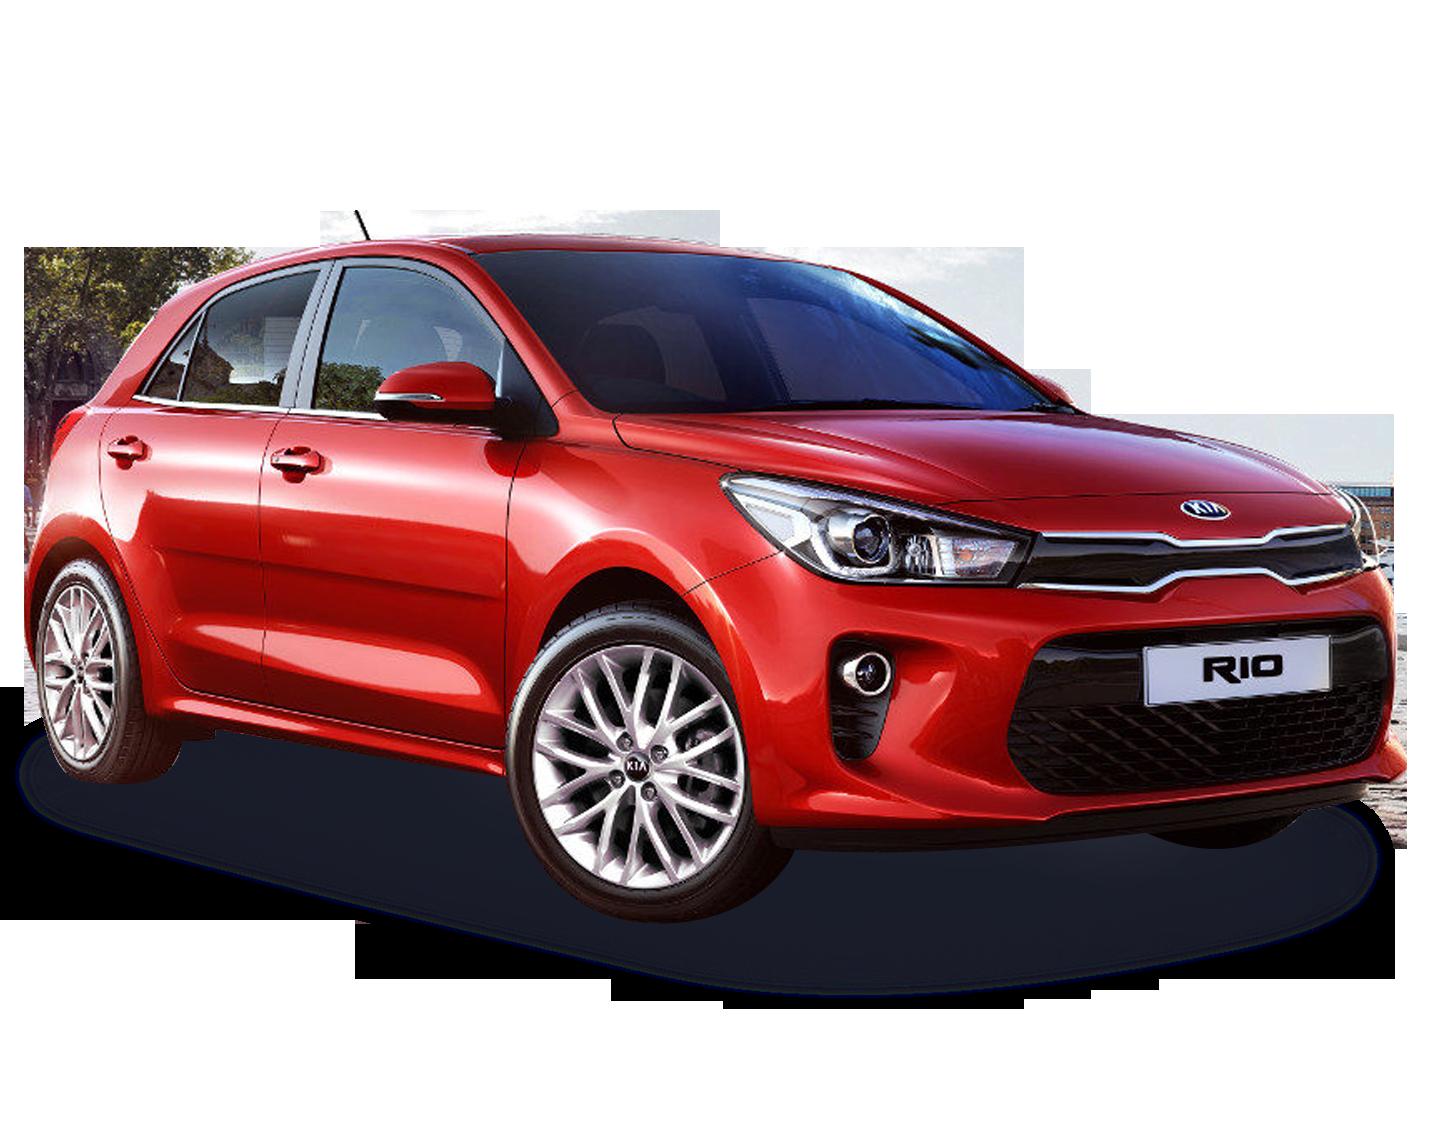 Kia Rio Review, Price, For Sale, Colours, Interior & Specs | CarsGuide